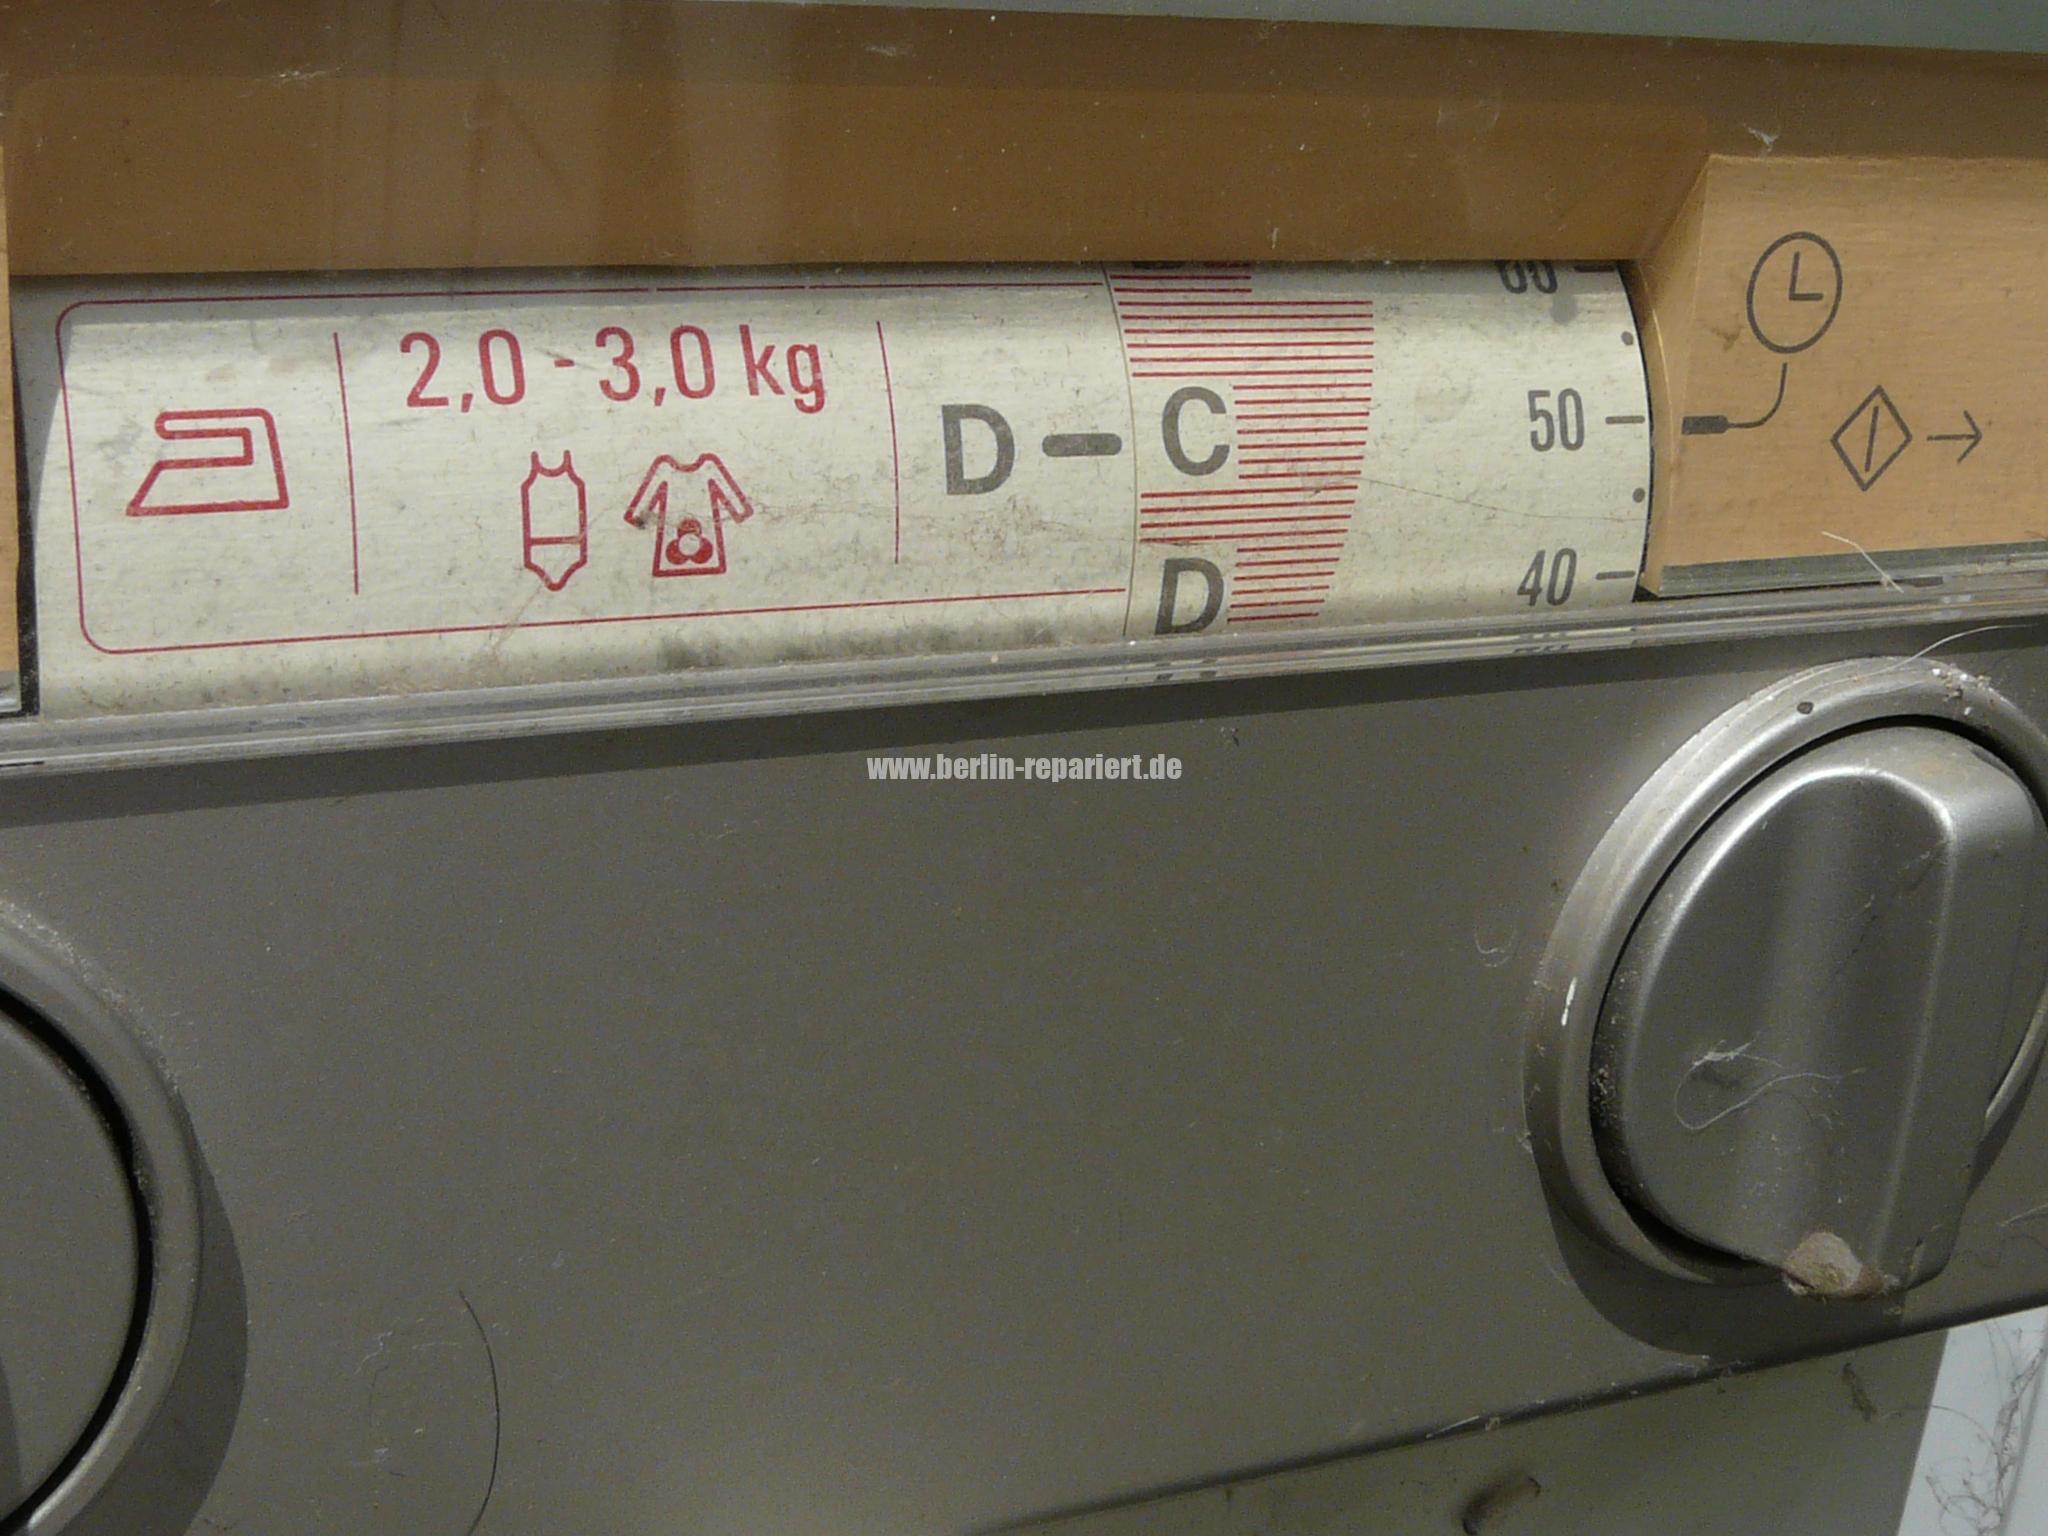 Siemens flauschtrockner automatic wird erst nach jahren